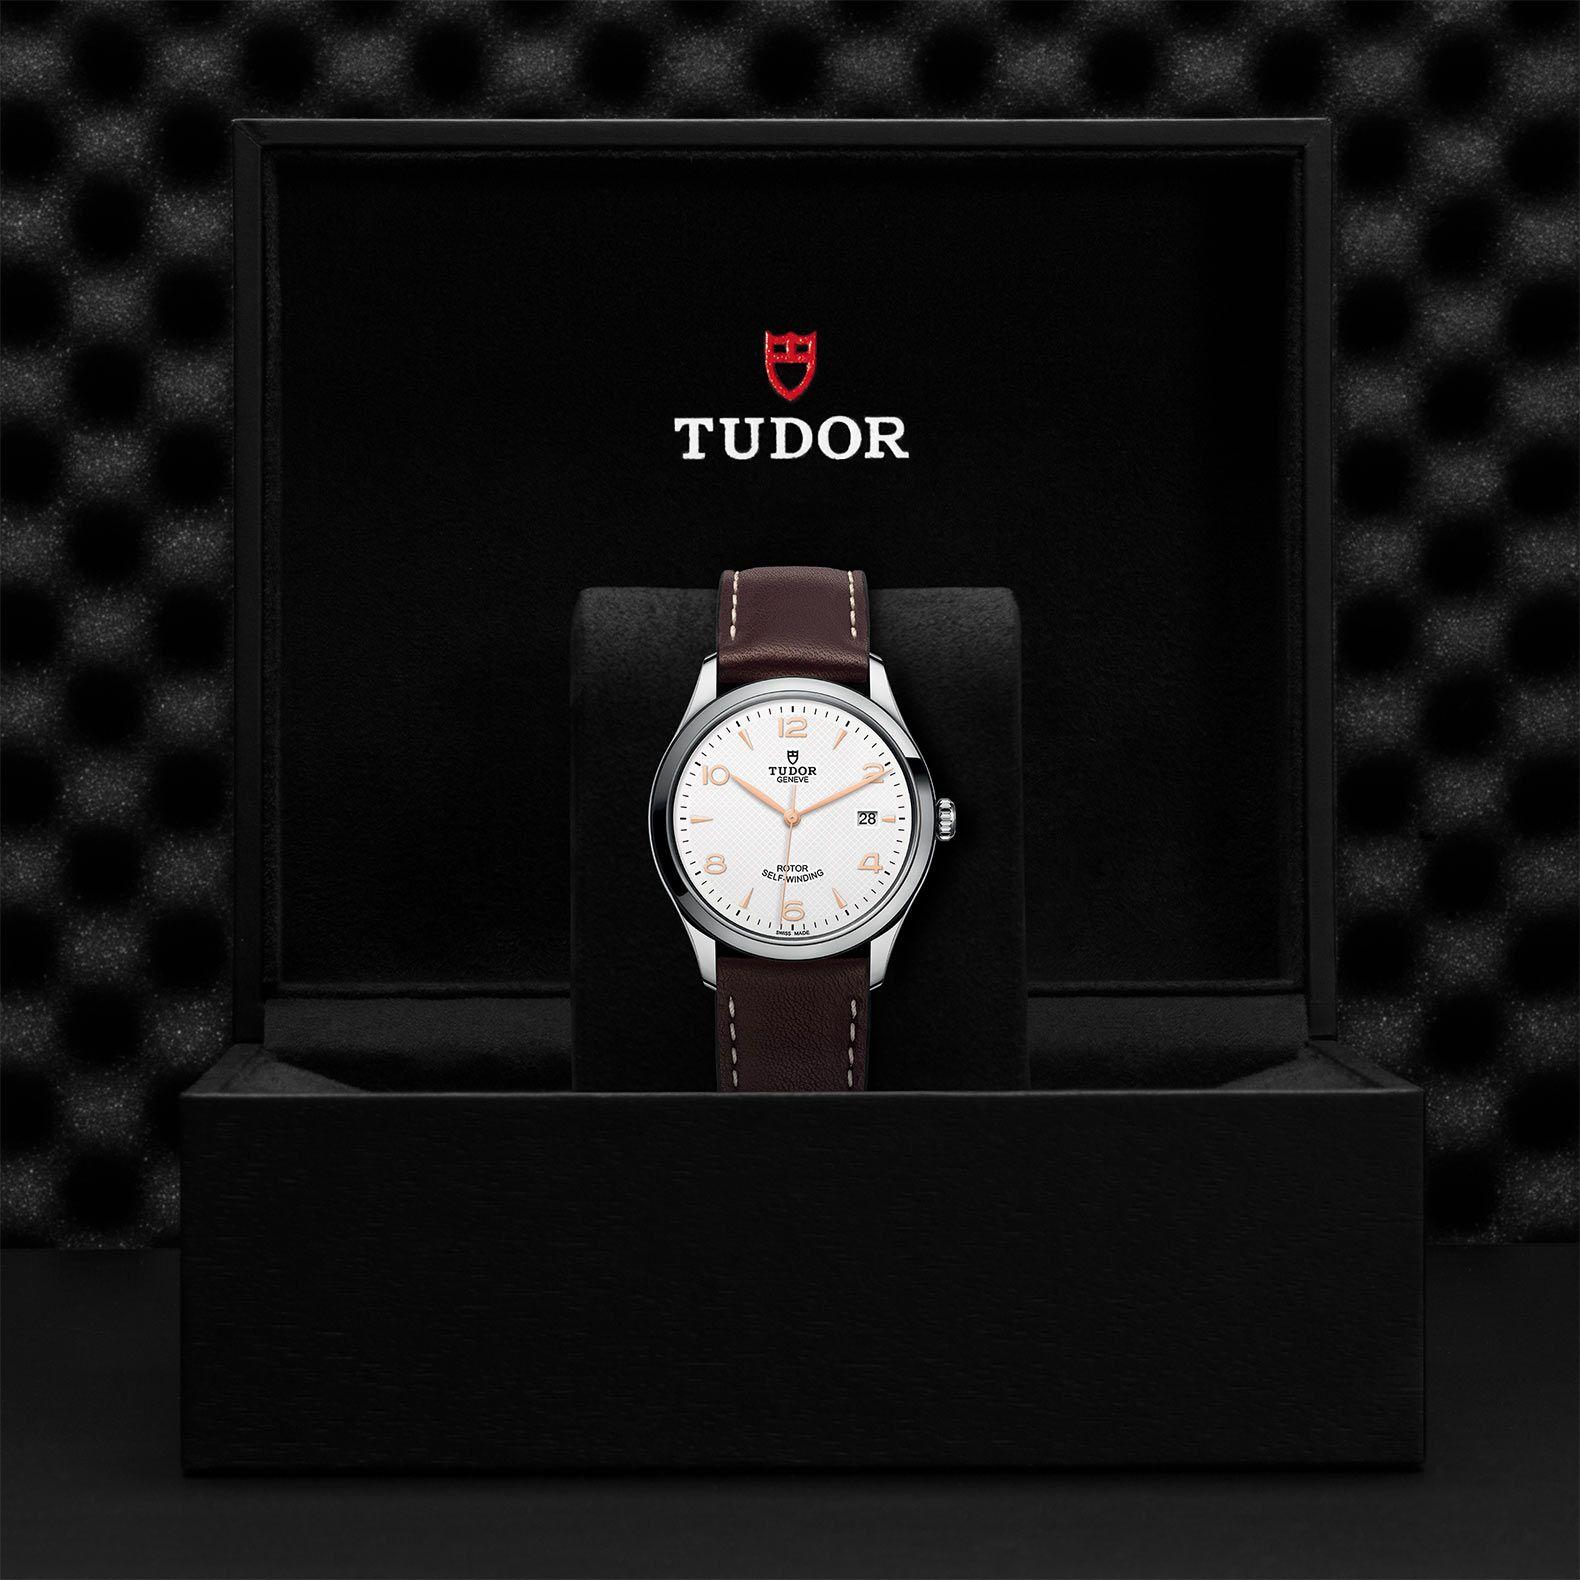 TUDOR 1926 91550 - 0012